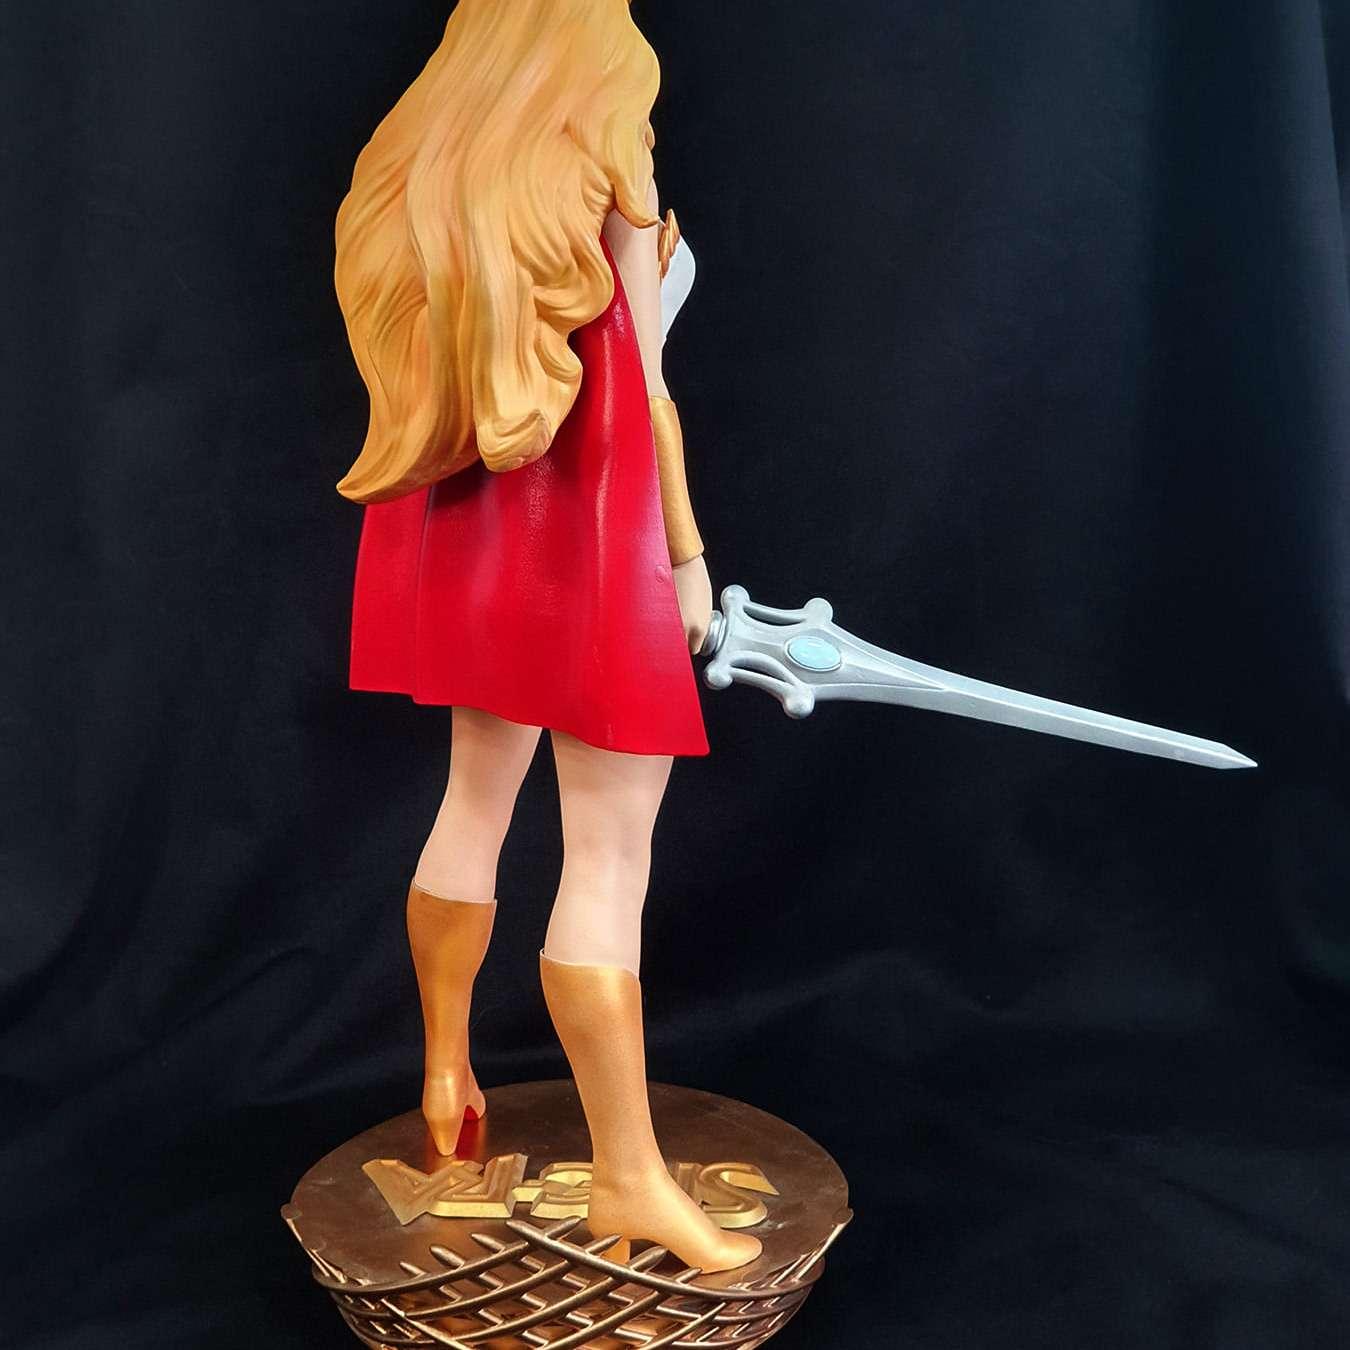 She-Ra  - She-ra escala 1/6 Altura aproximada de 35cm Modelo cortado para impressão em partes. Modelos de teste feito em impressora de resina. Caso precise de ajudar para imprimir em fdm, favor entrar em contato.  - Os melhores arquivos para impressão 3D do mundo. Modelos stl divididos em partes para facilitar a impressão 3D. Todos os tipos de personagens, decoração, cosplay, próteses, peças. Qualidade na impressão 3D. Modelos 3D com preço acessível. Baixo custo. Compras coletivas de arquivos 3D.